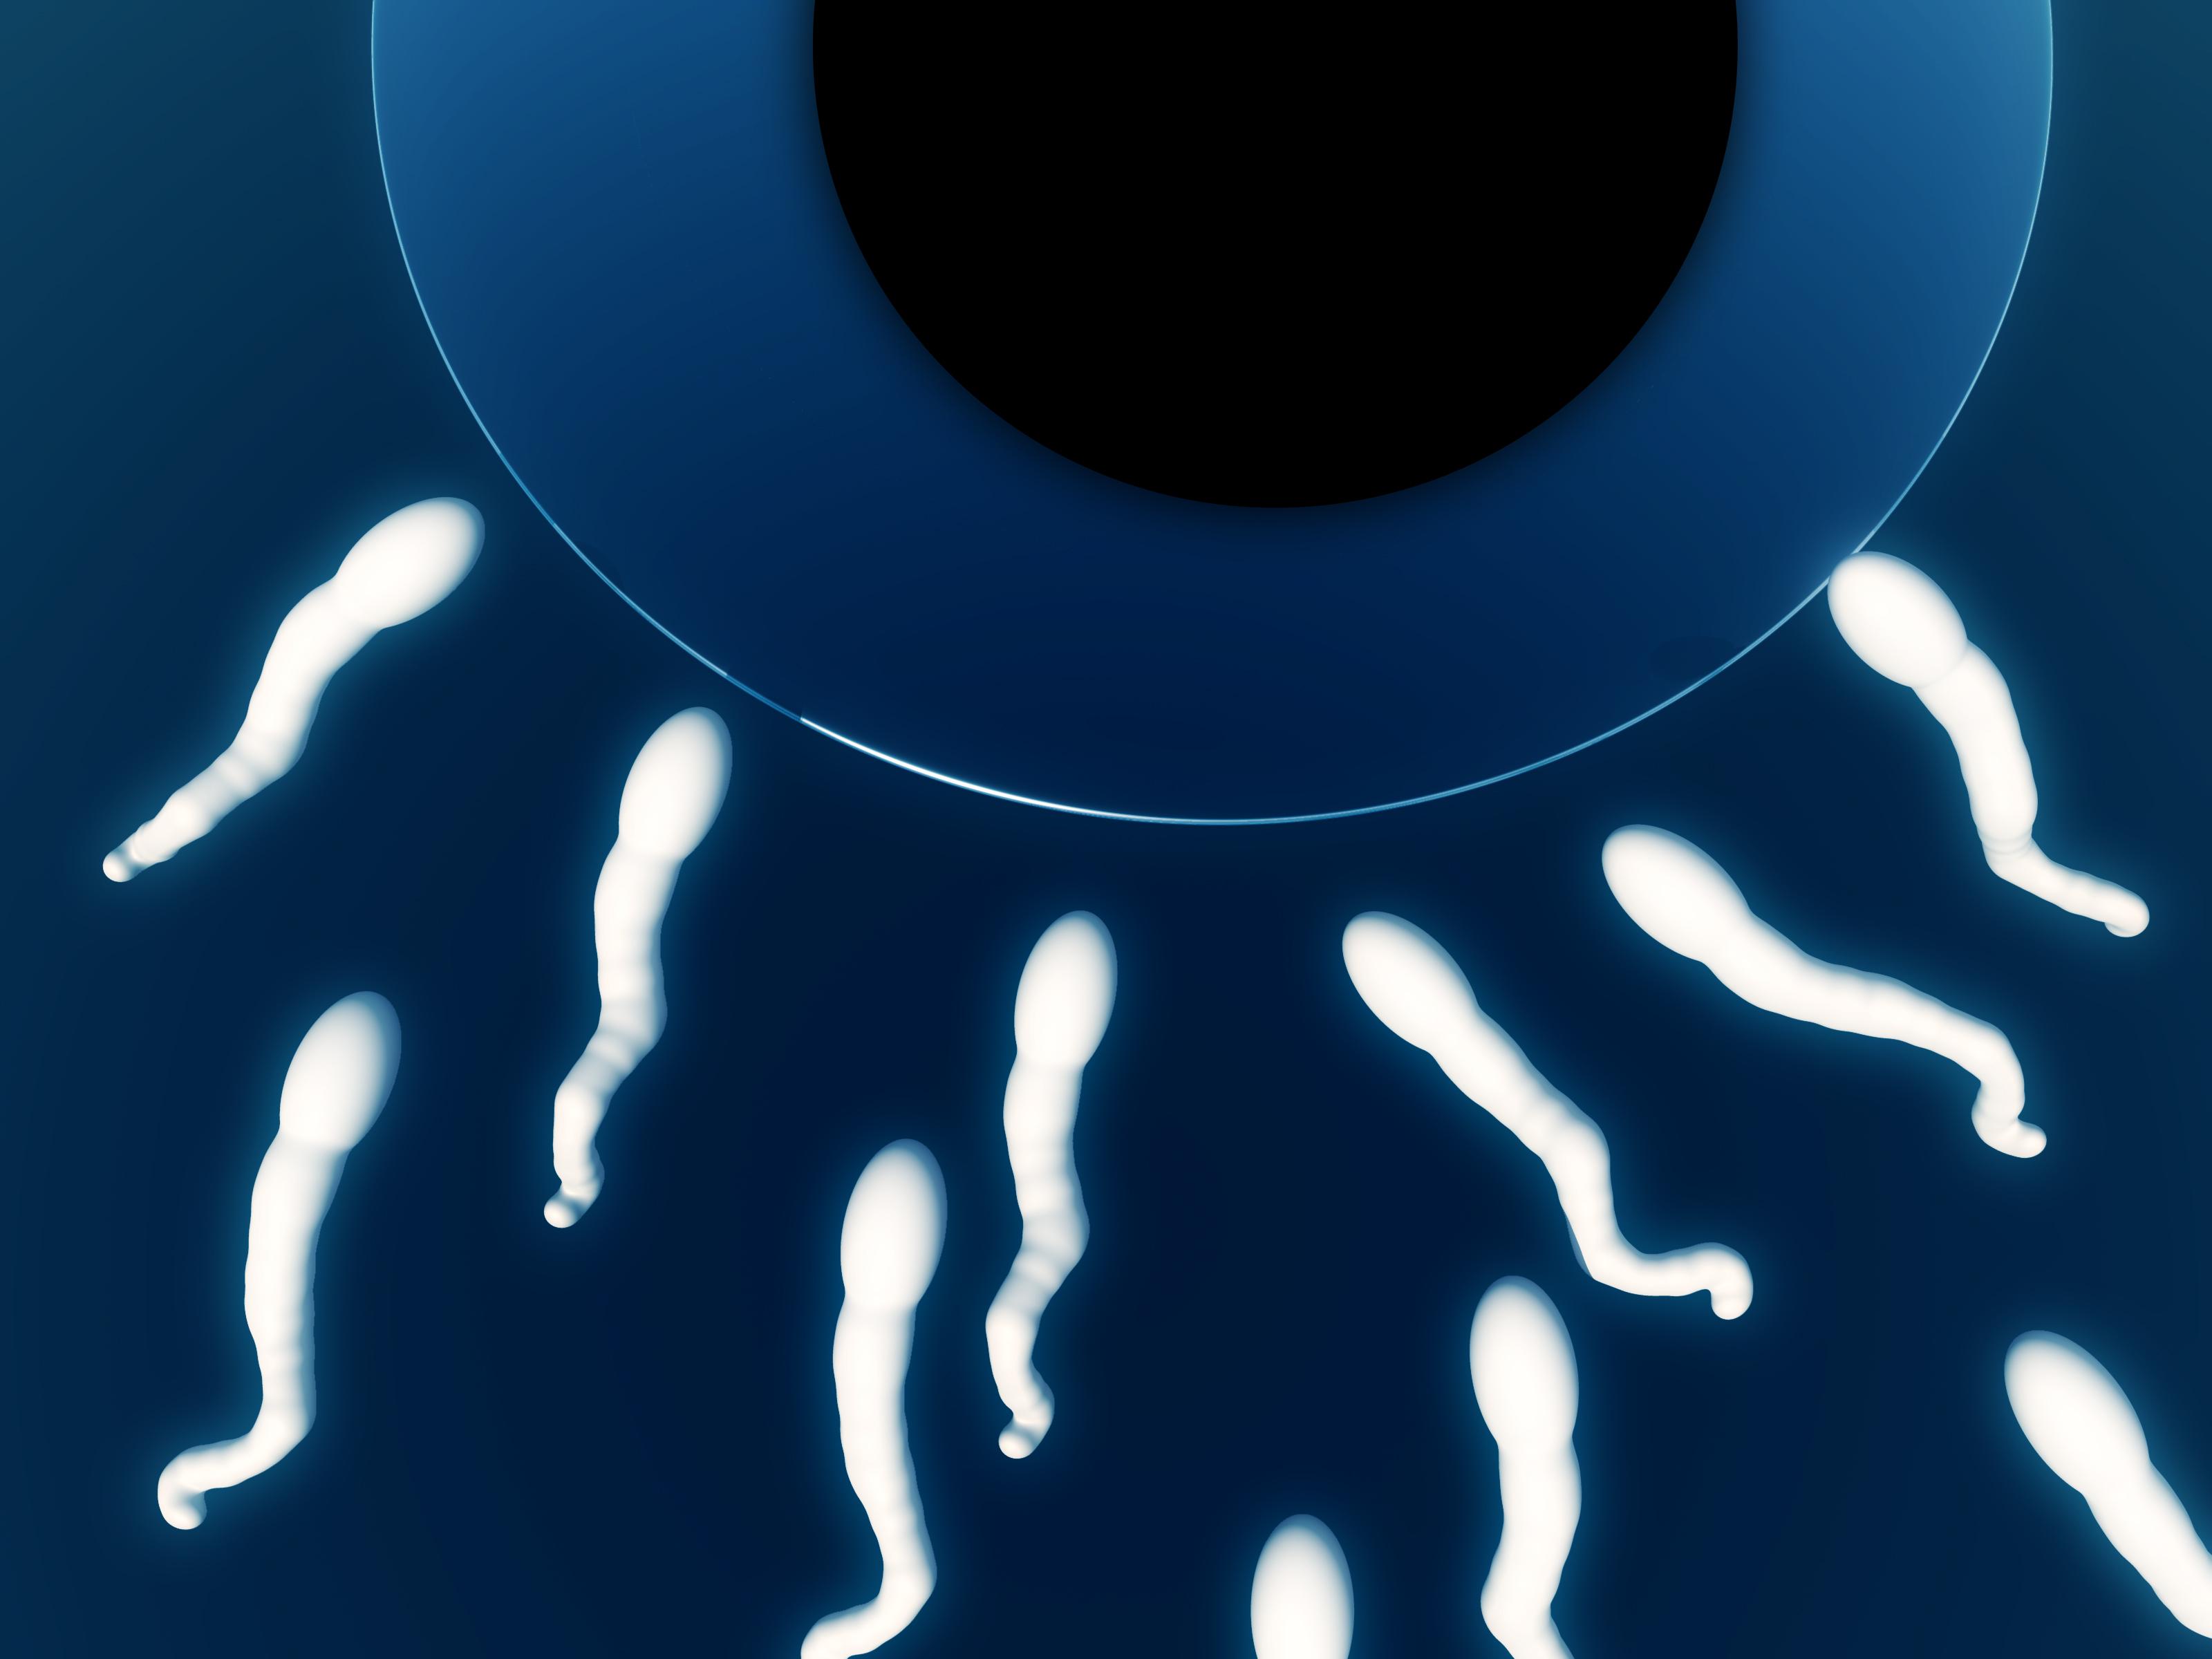 Plodnost u ženy začne klesat už po třicátém roce věku